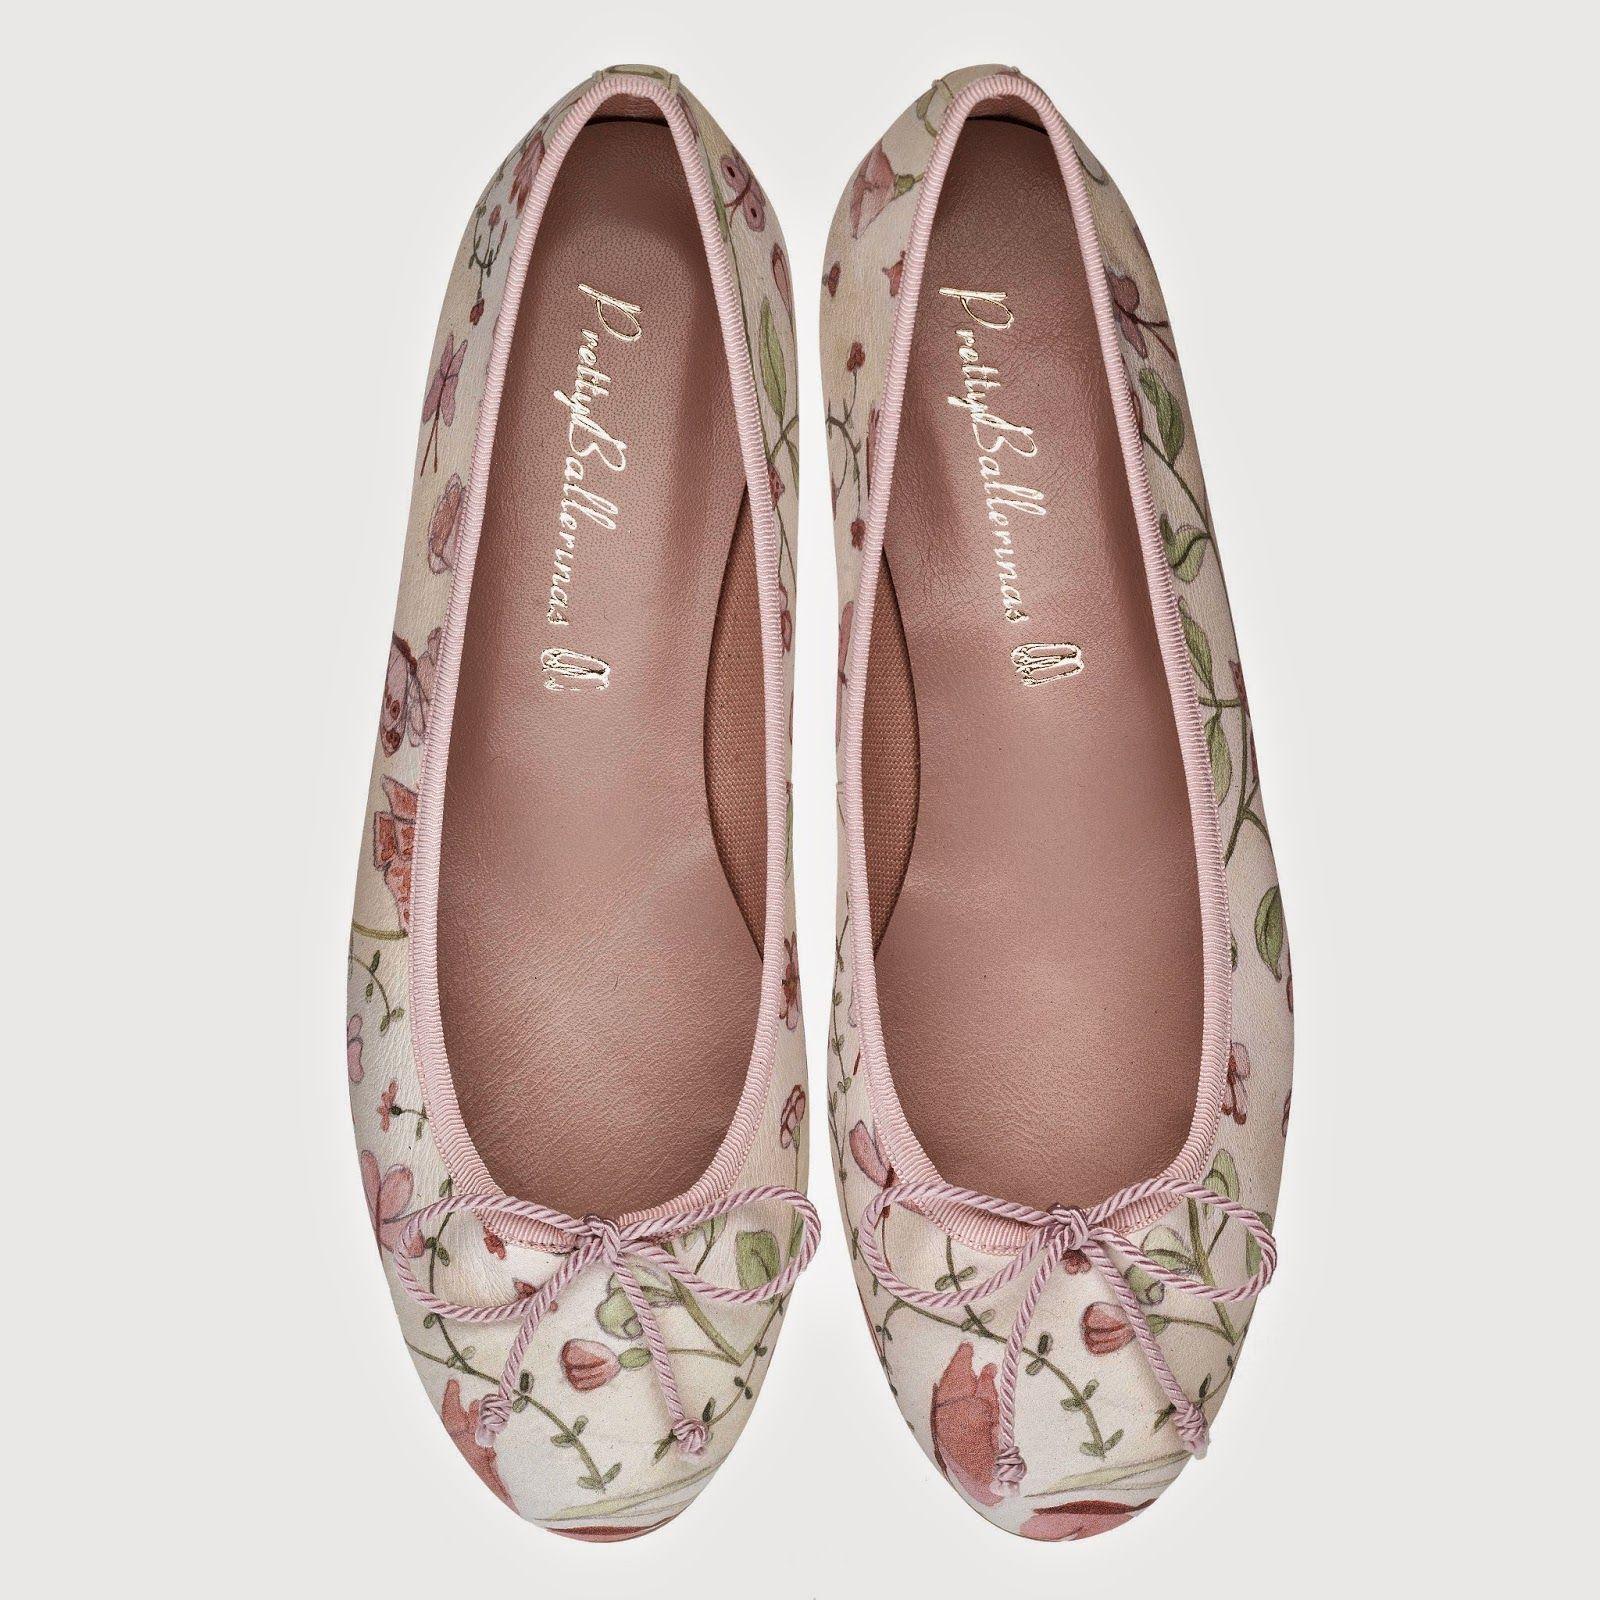 1ceb2f64c4046 Modelo Marilyn de la nueva colección para novias de Pretty Ballerinas  Ballerine, Chaussure, Chaussures